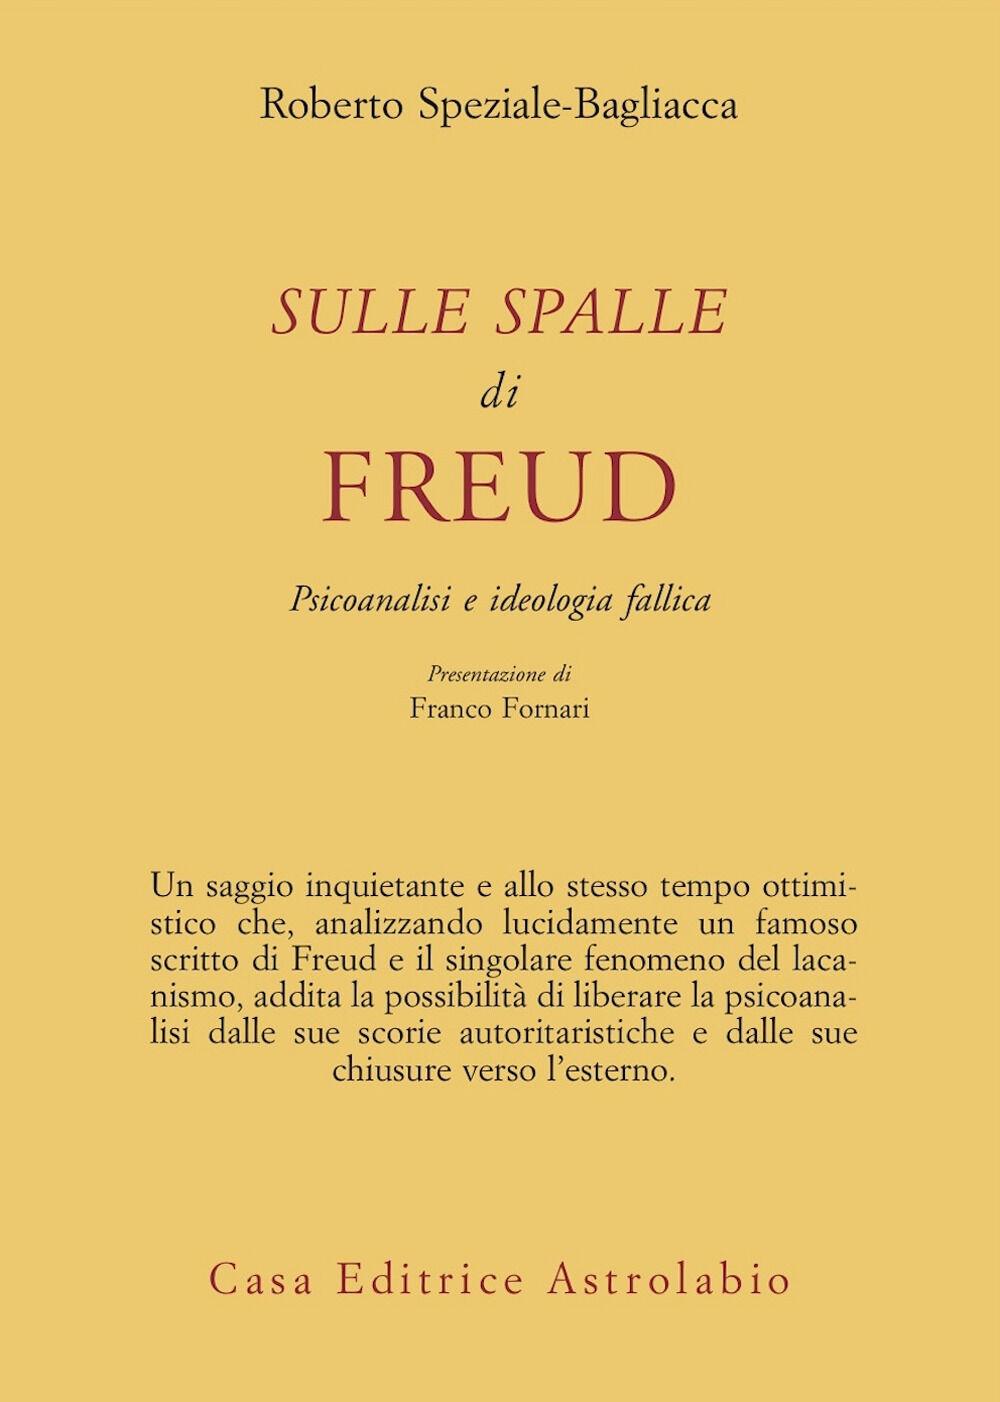 Sulle spalle di Freud. Psicoanalisi e ideologia fallica